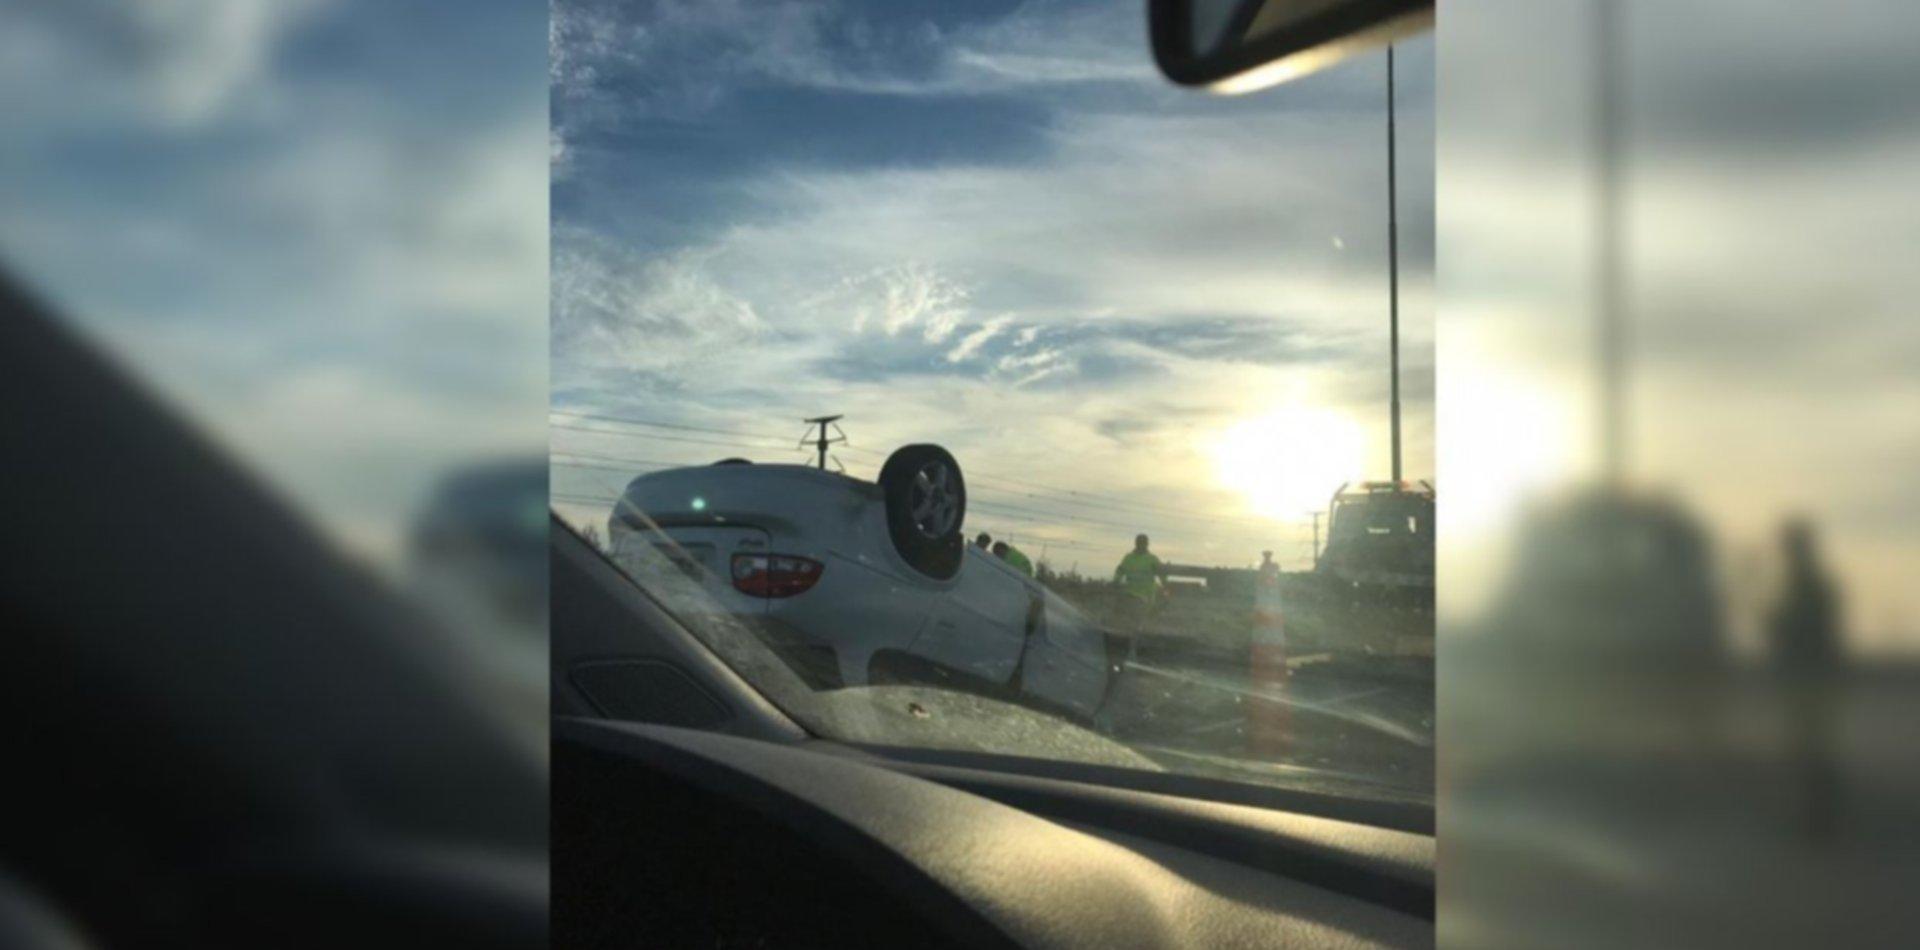 Choque y vuelco en la Autopista La Plata-Buenos Aires: hay complicaciones en el tránsito